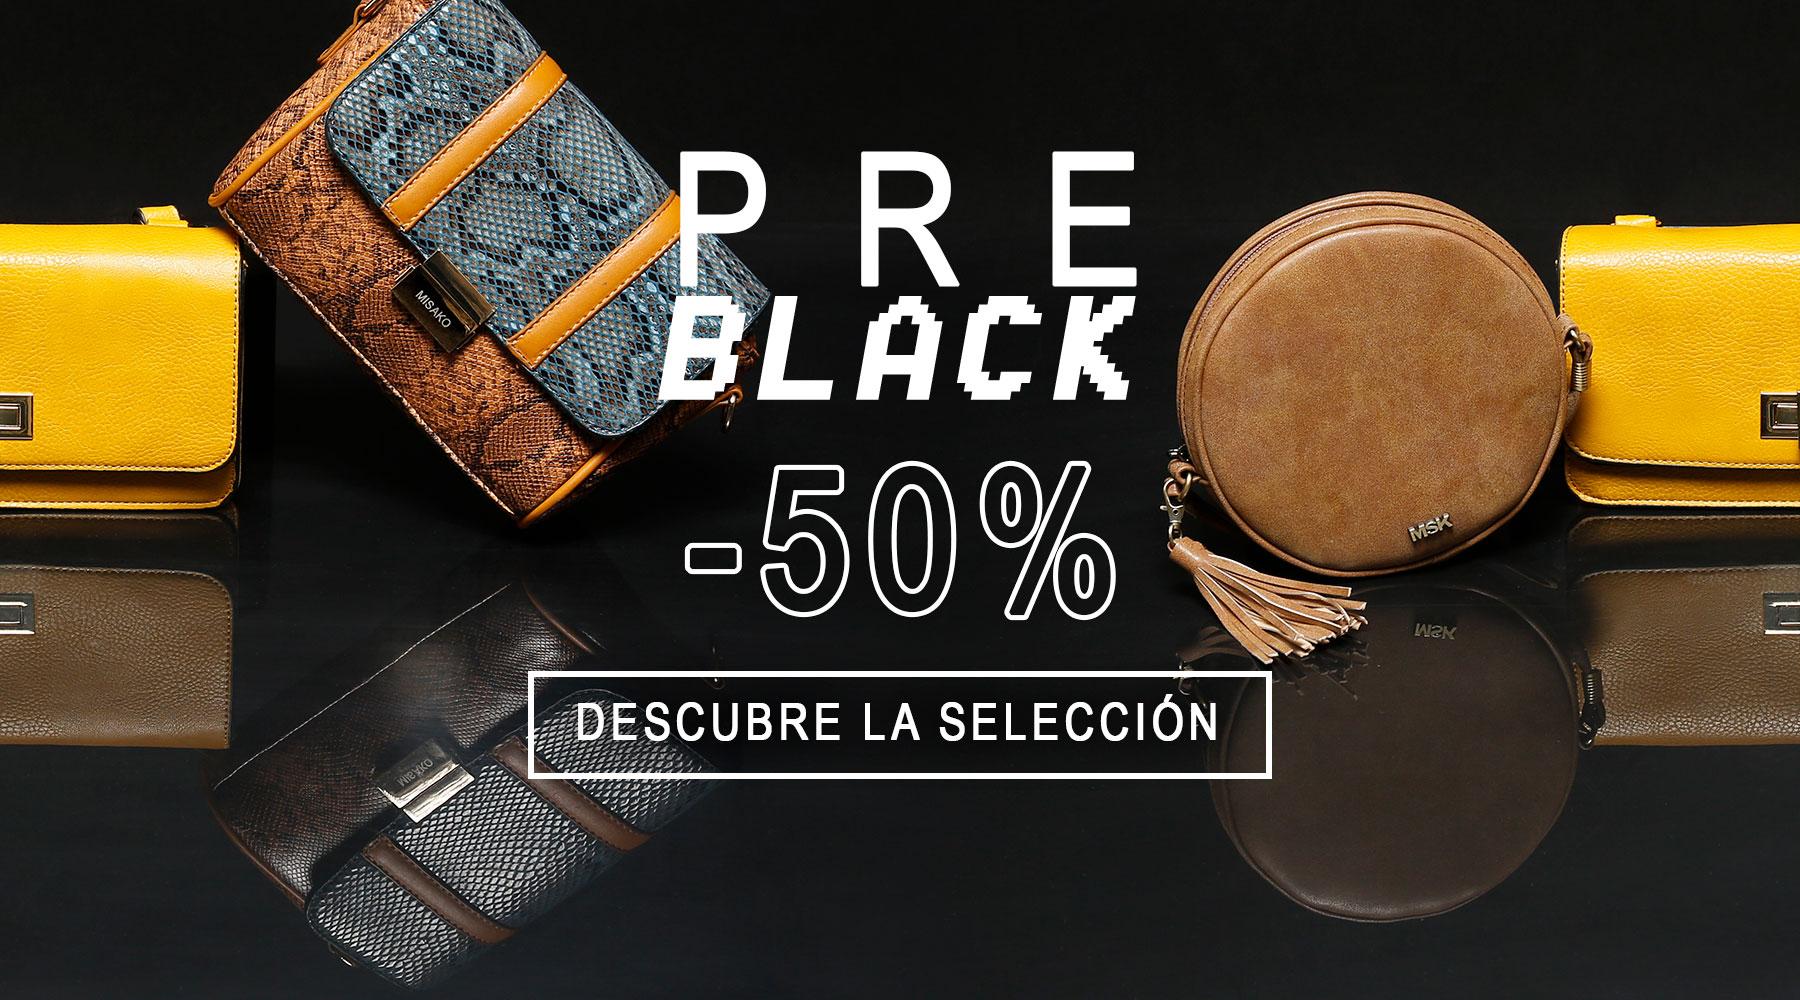 Pre Black de Misako con -50%